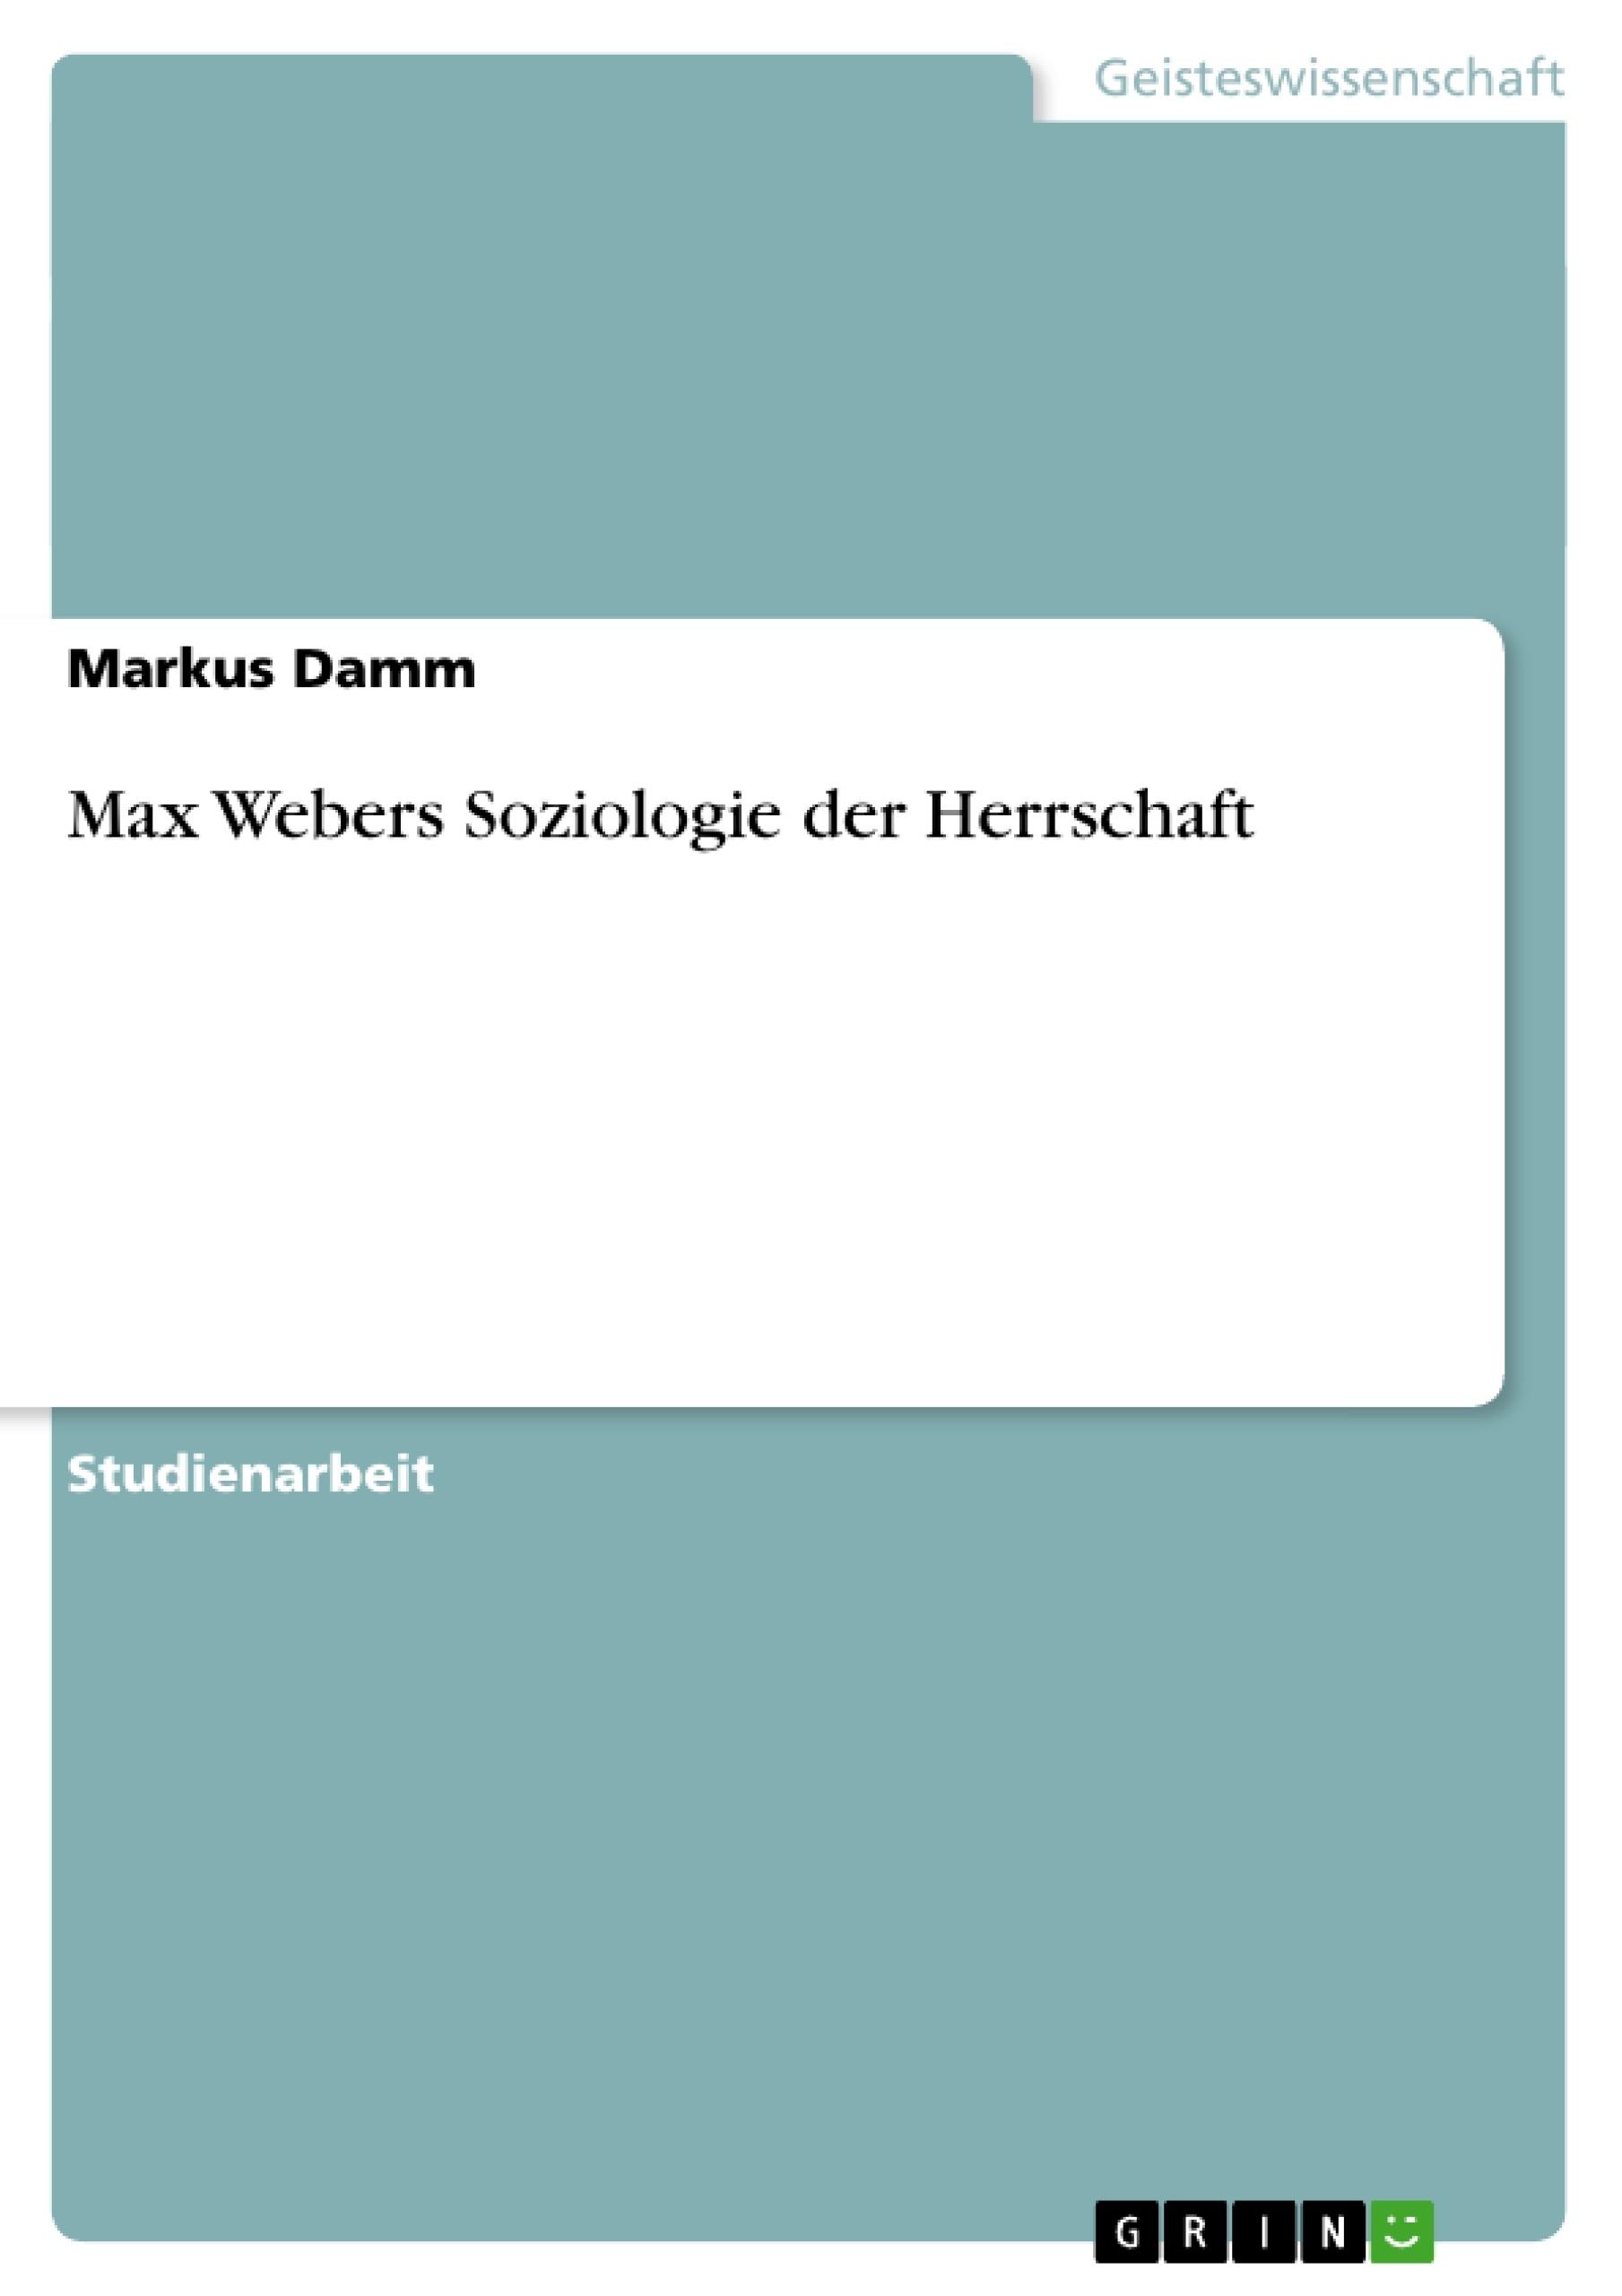 Titel: Max Webers Soziologie der Herrschaft